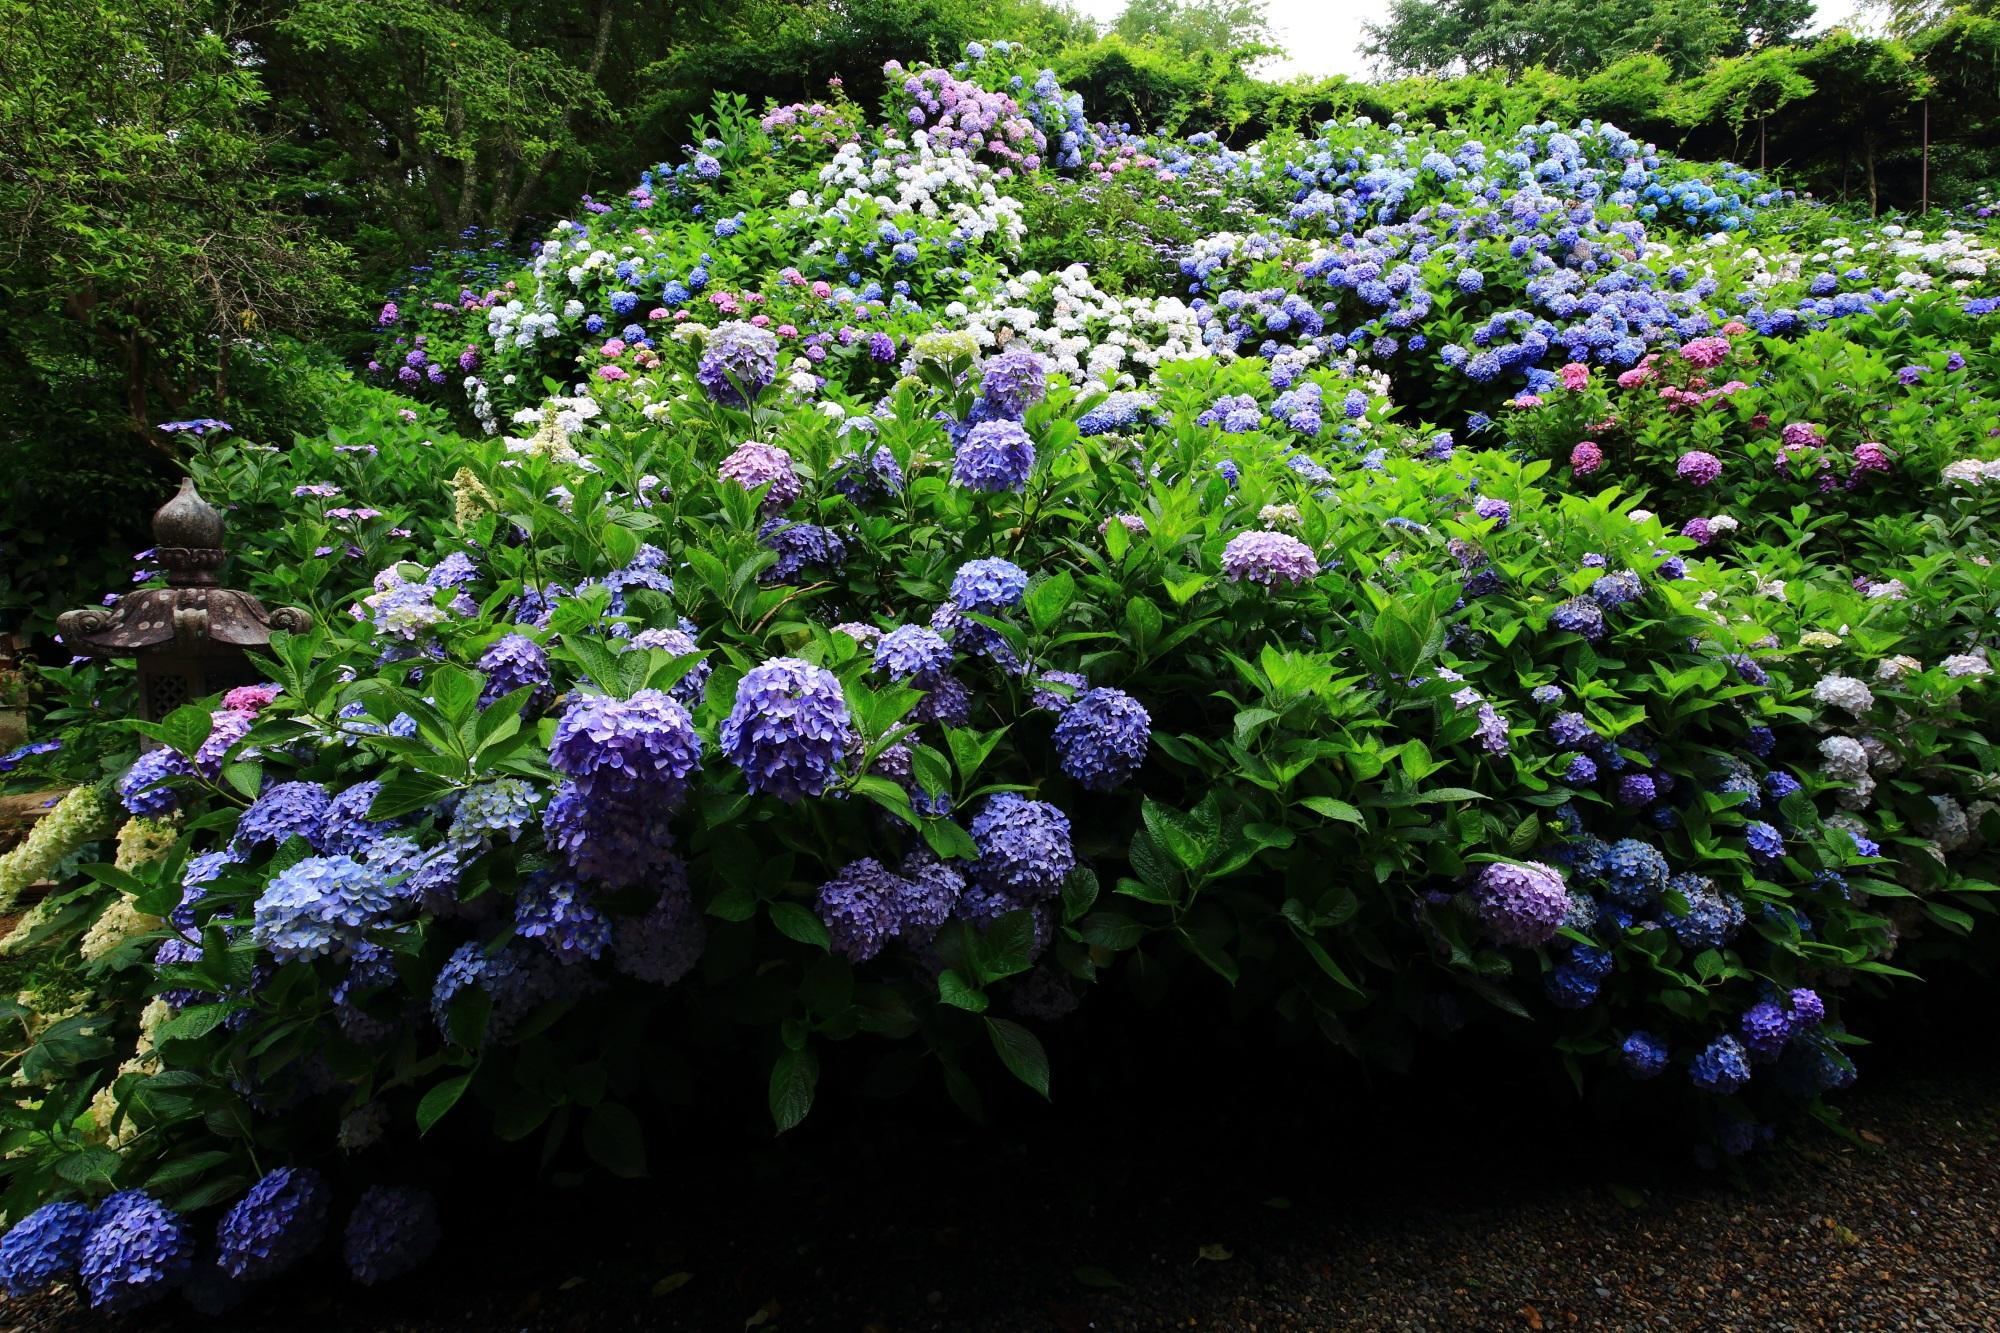 処狭しと咲き誇る丹州観音寺の紫陽花